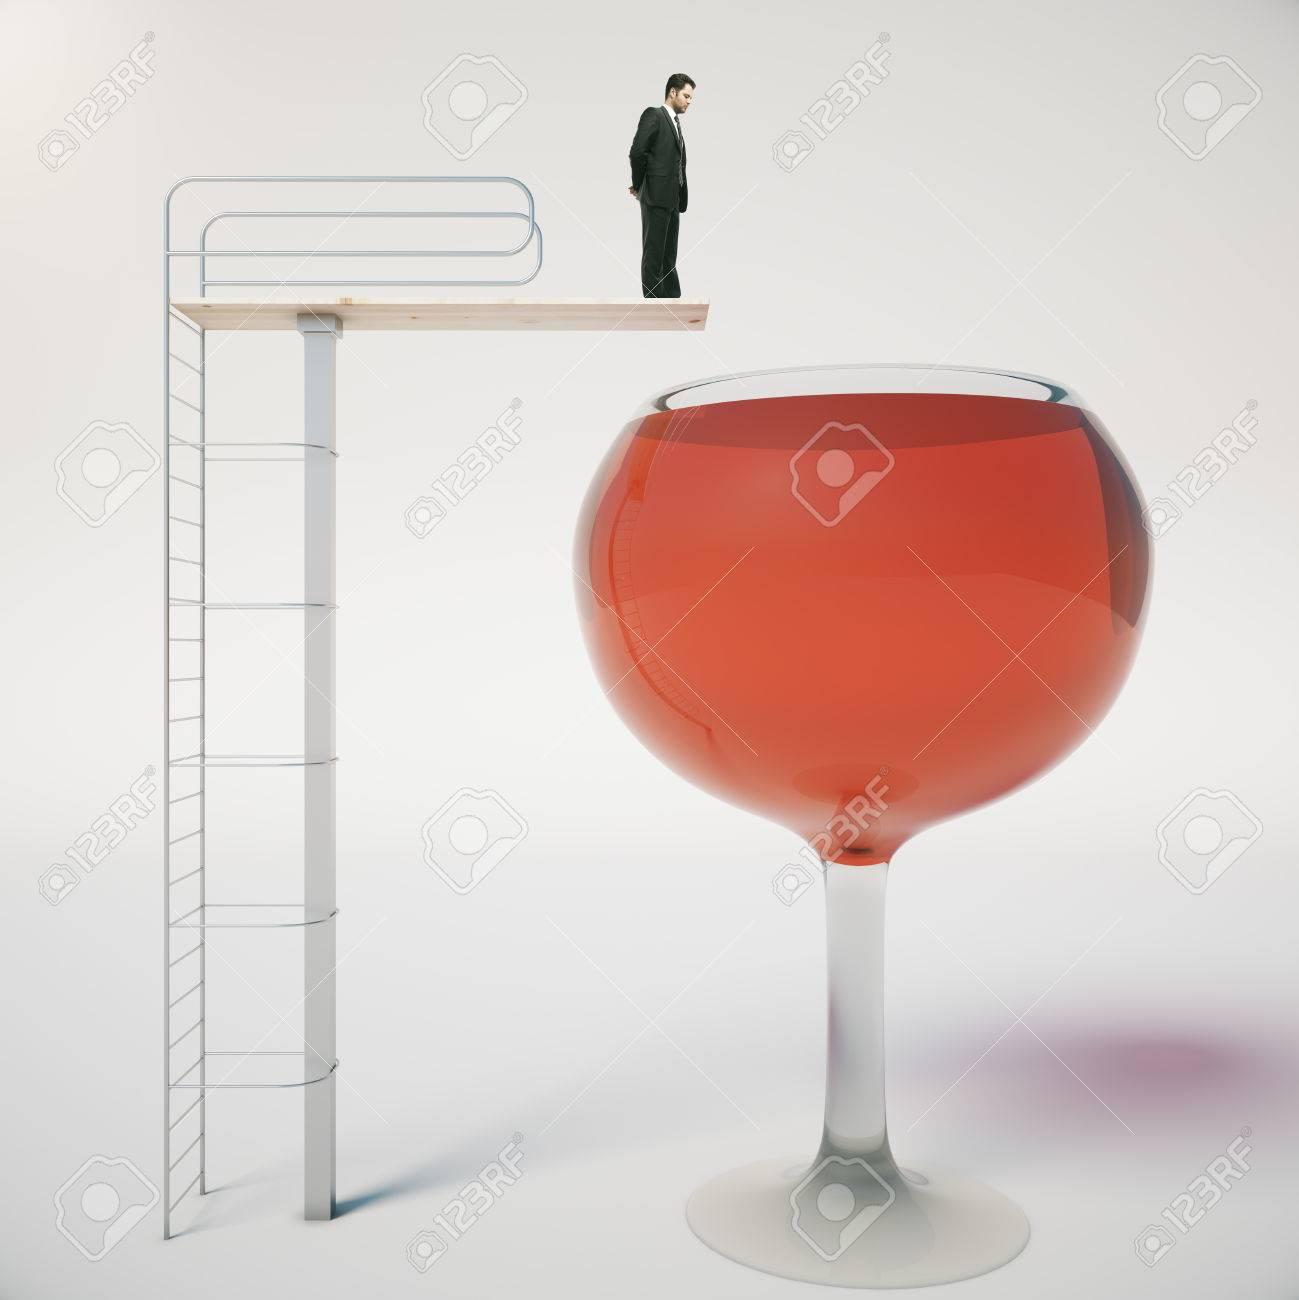 Alcool concept de dépendance avec homme d'affaires sur le point de sauter dans énorme verre de vin sur fond clair. rendu 3D